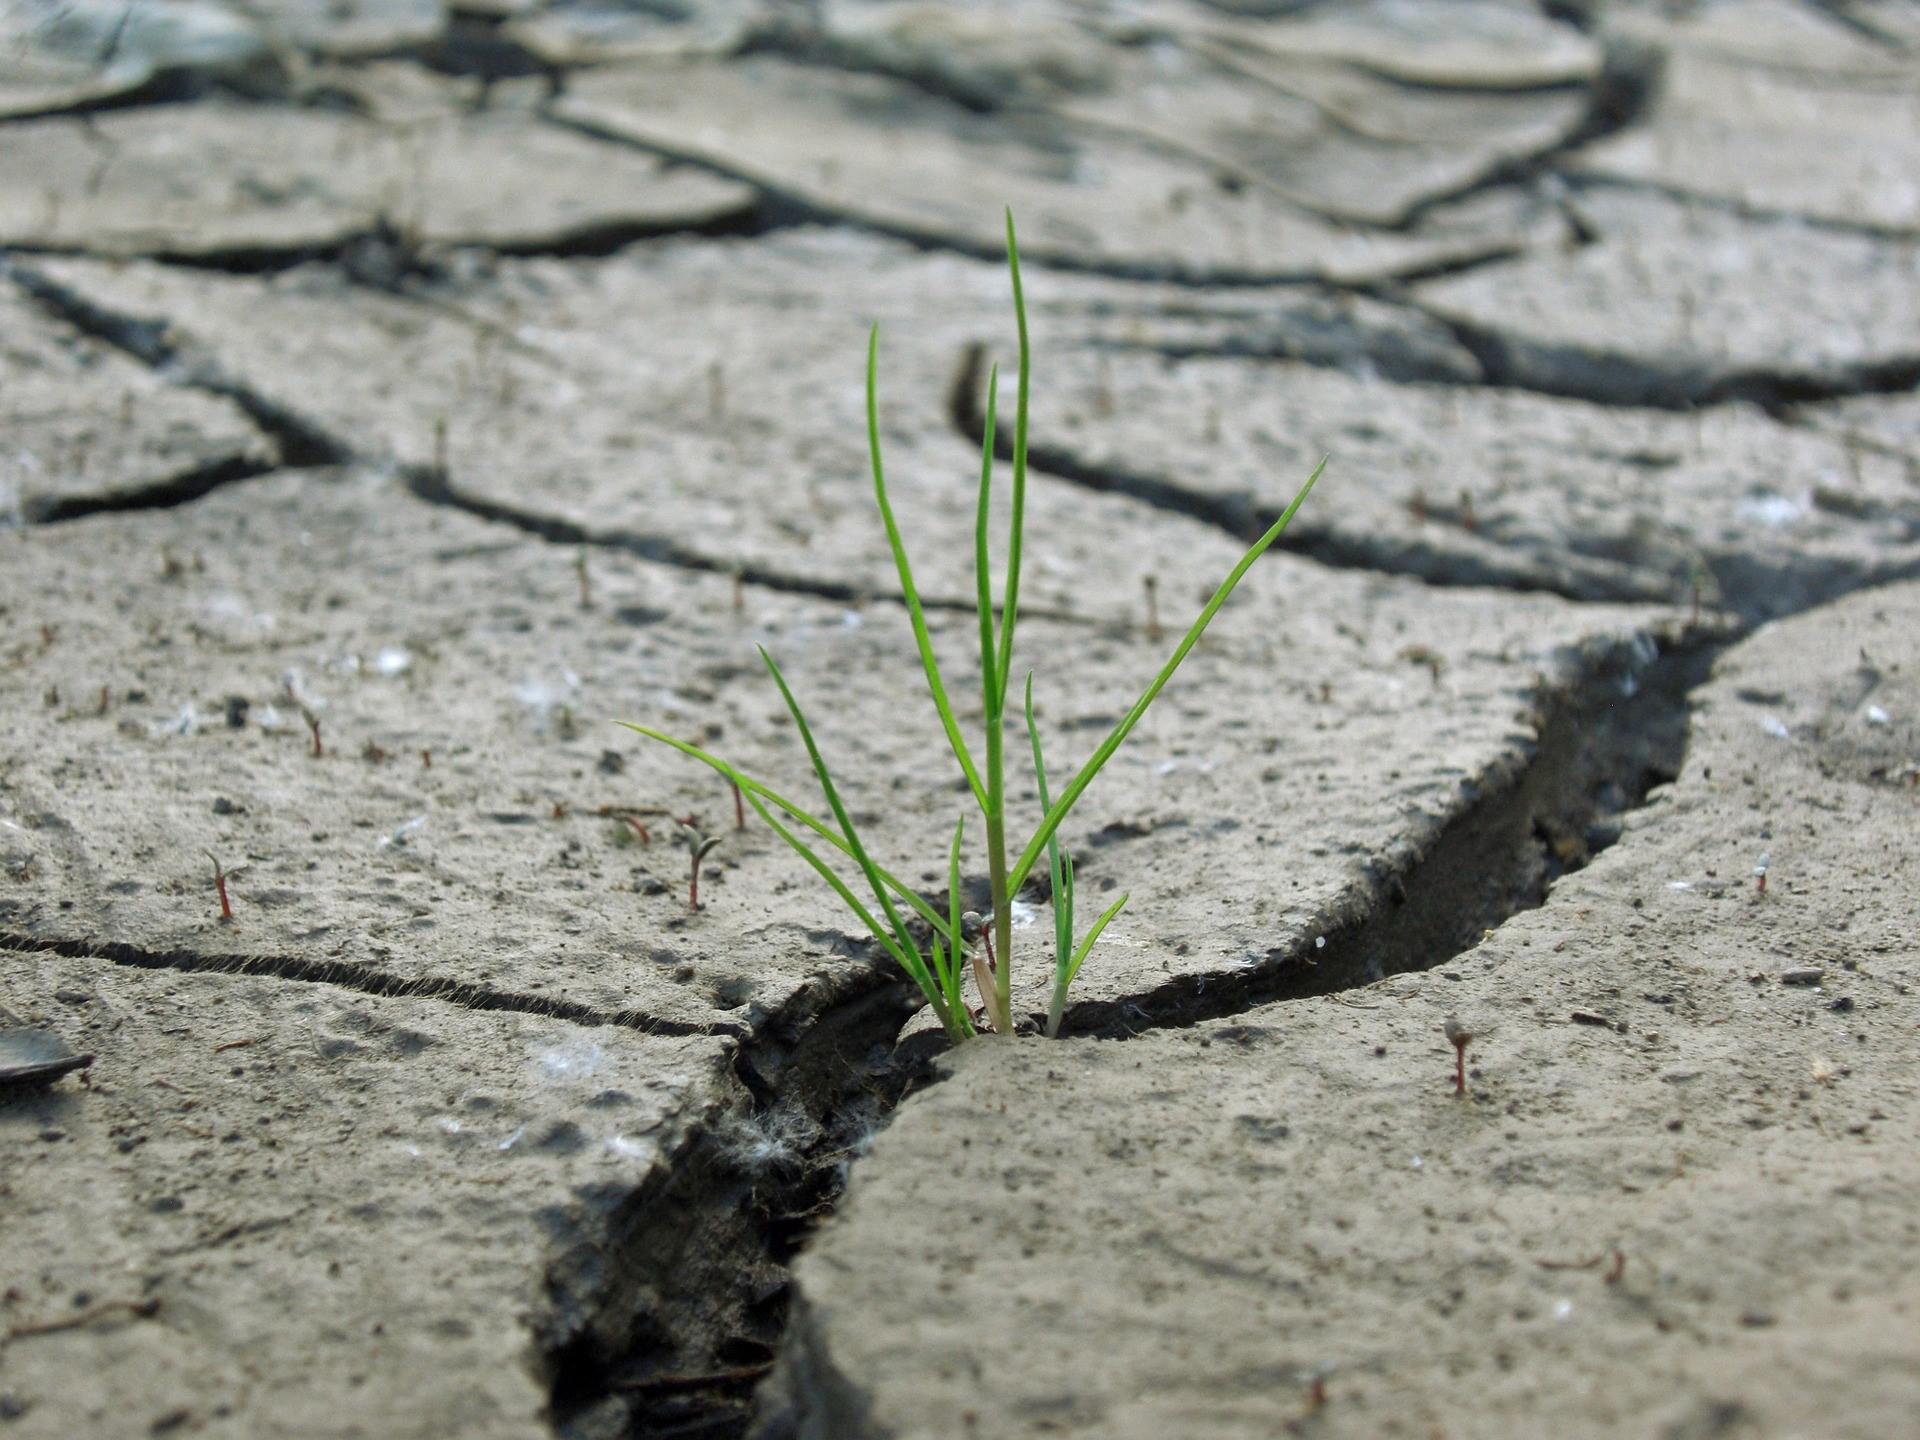 Online: Osobnostní rozvoj a posttraumatický růst